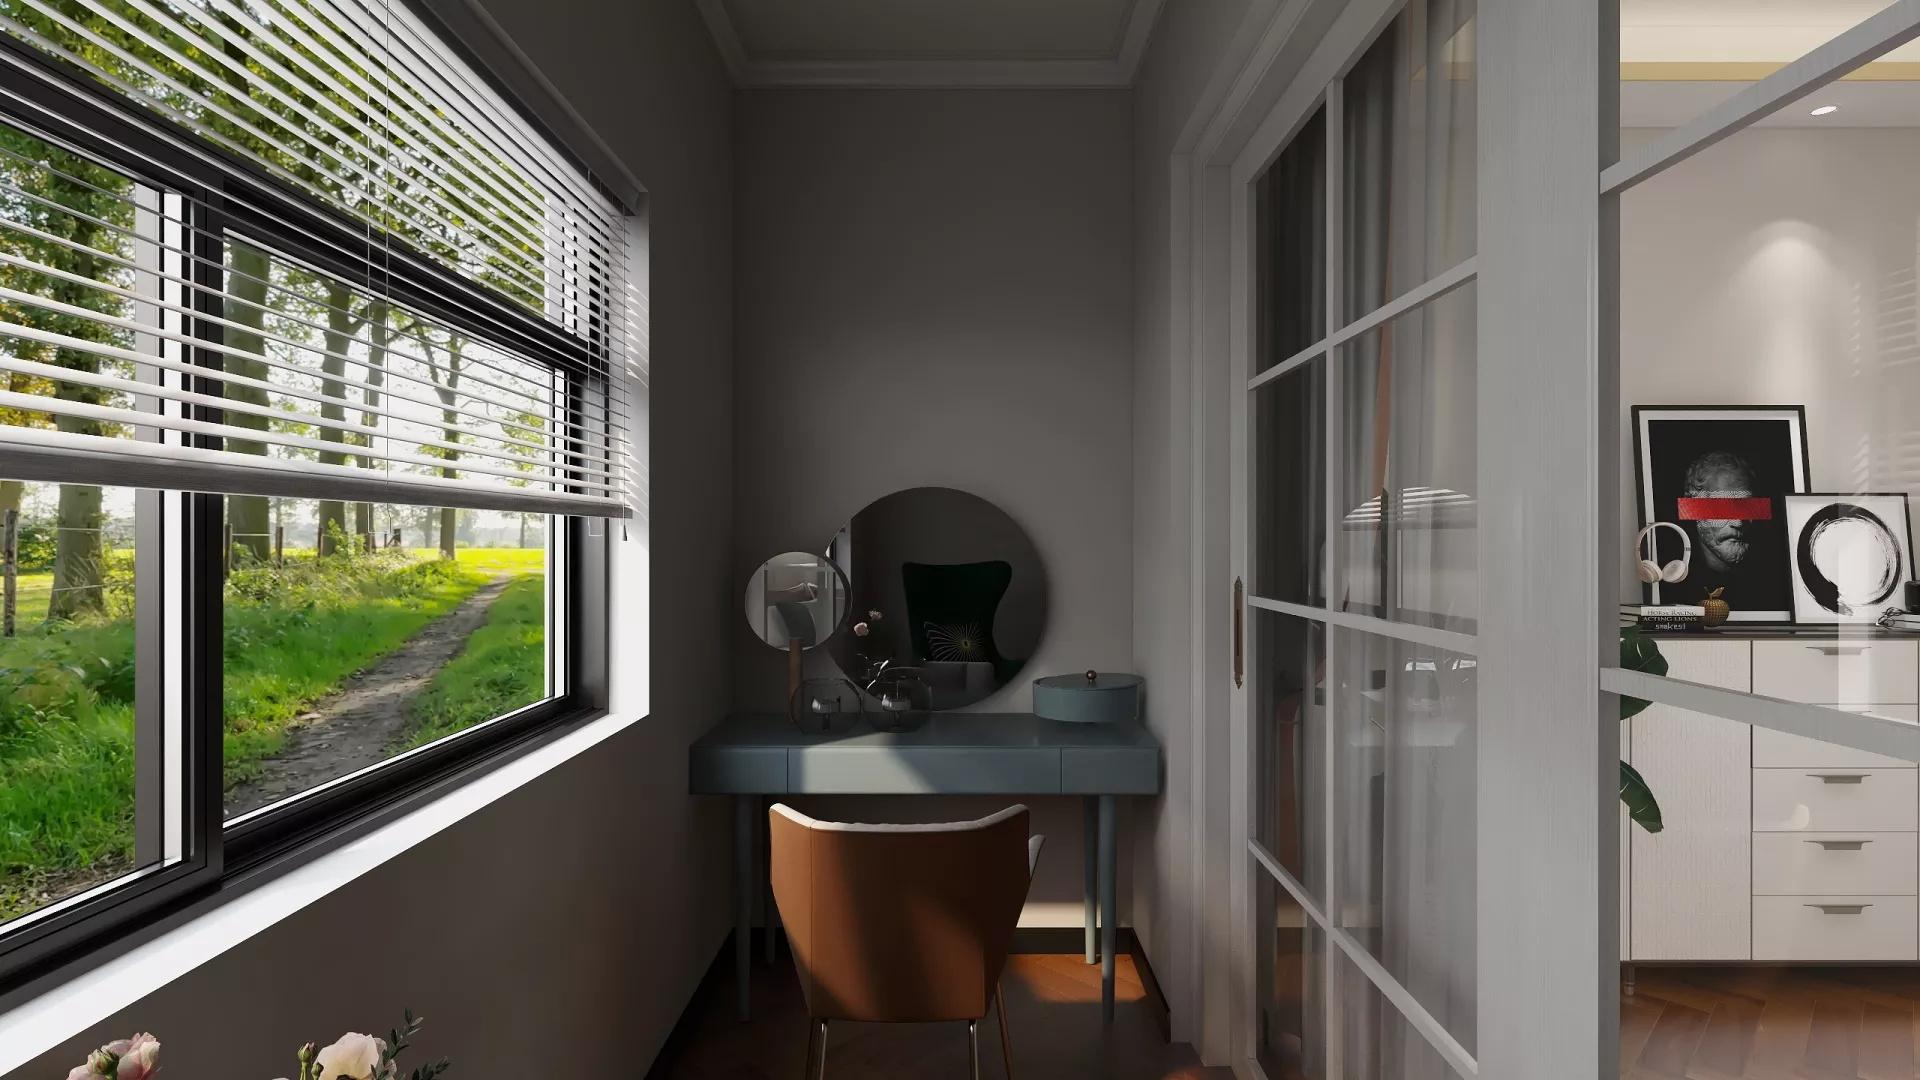 閣樓裝修攻略有哪些,閣樓可以開天窗嗎?